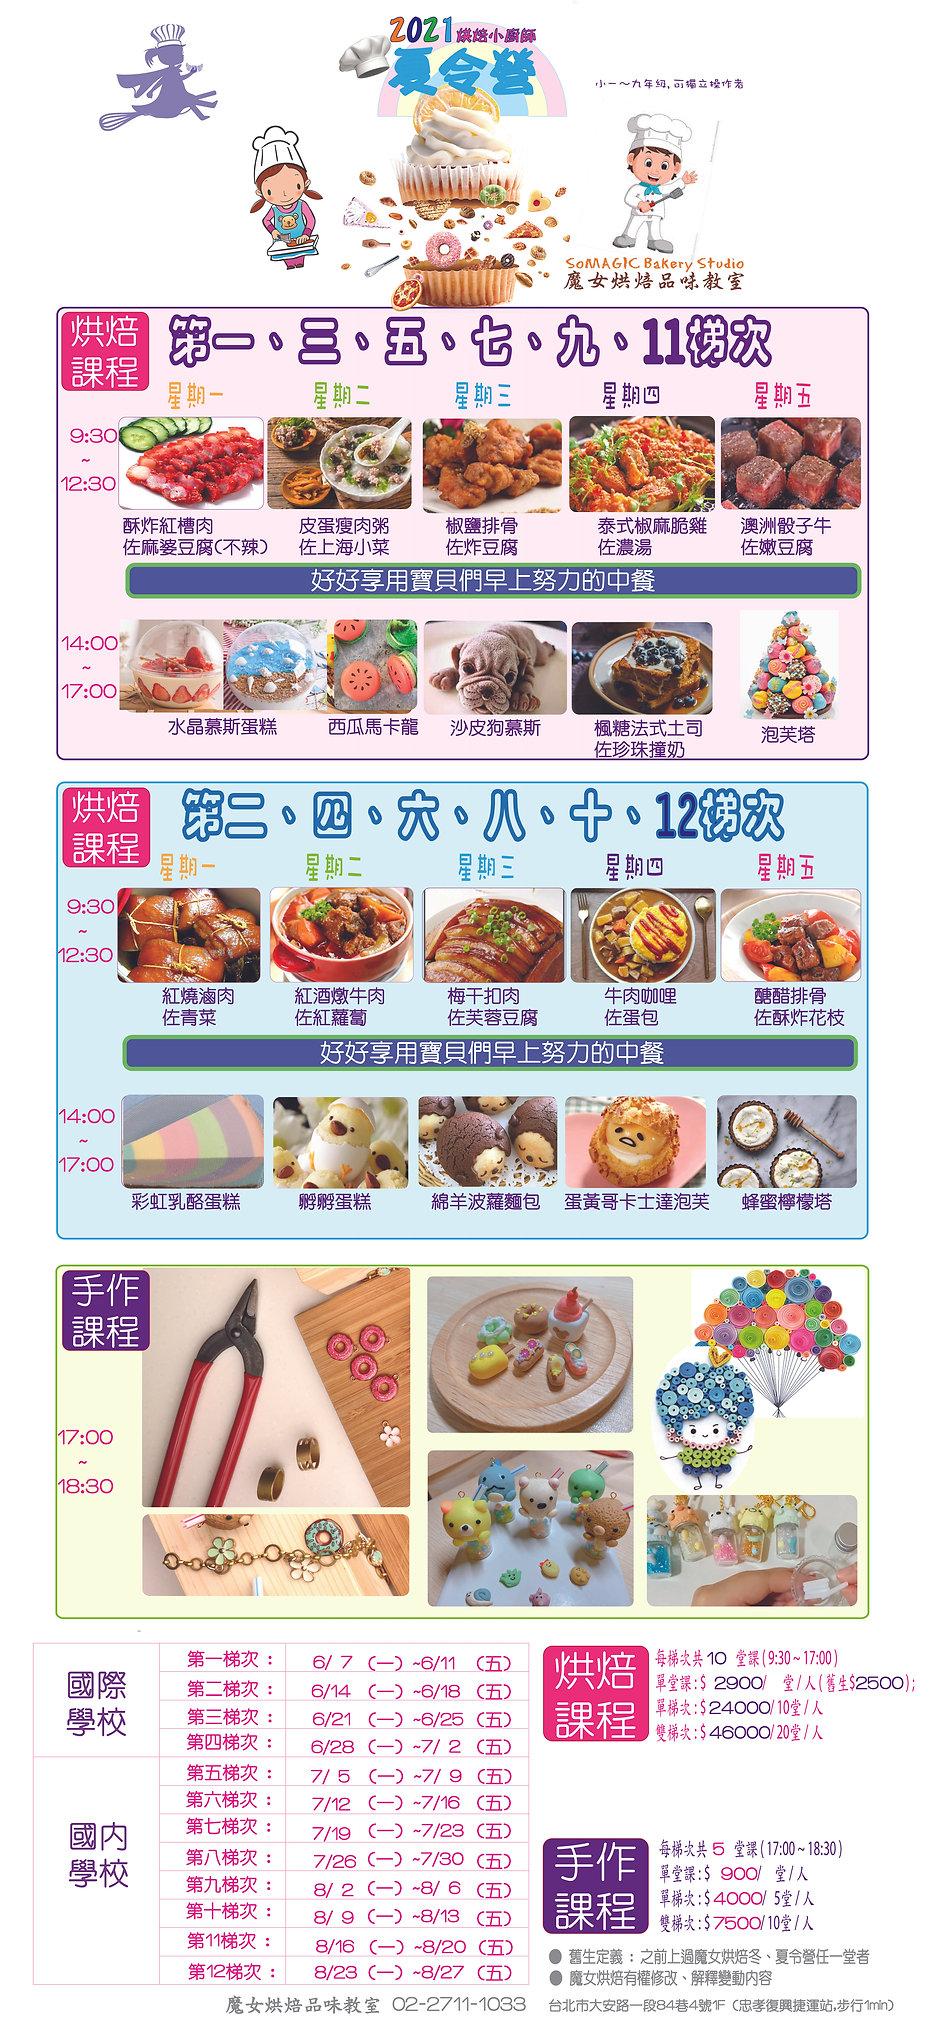 2021夏令營new-0409-01.jpg